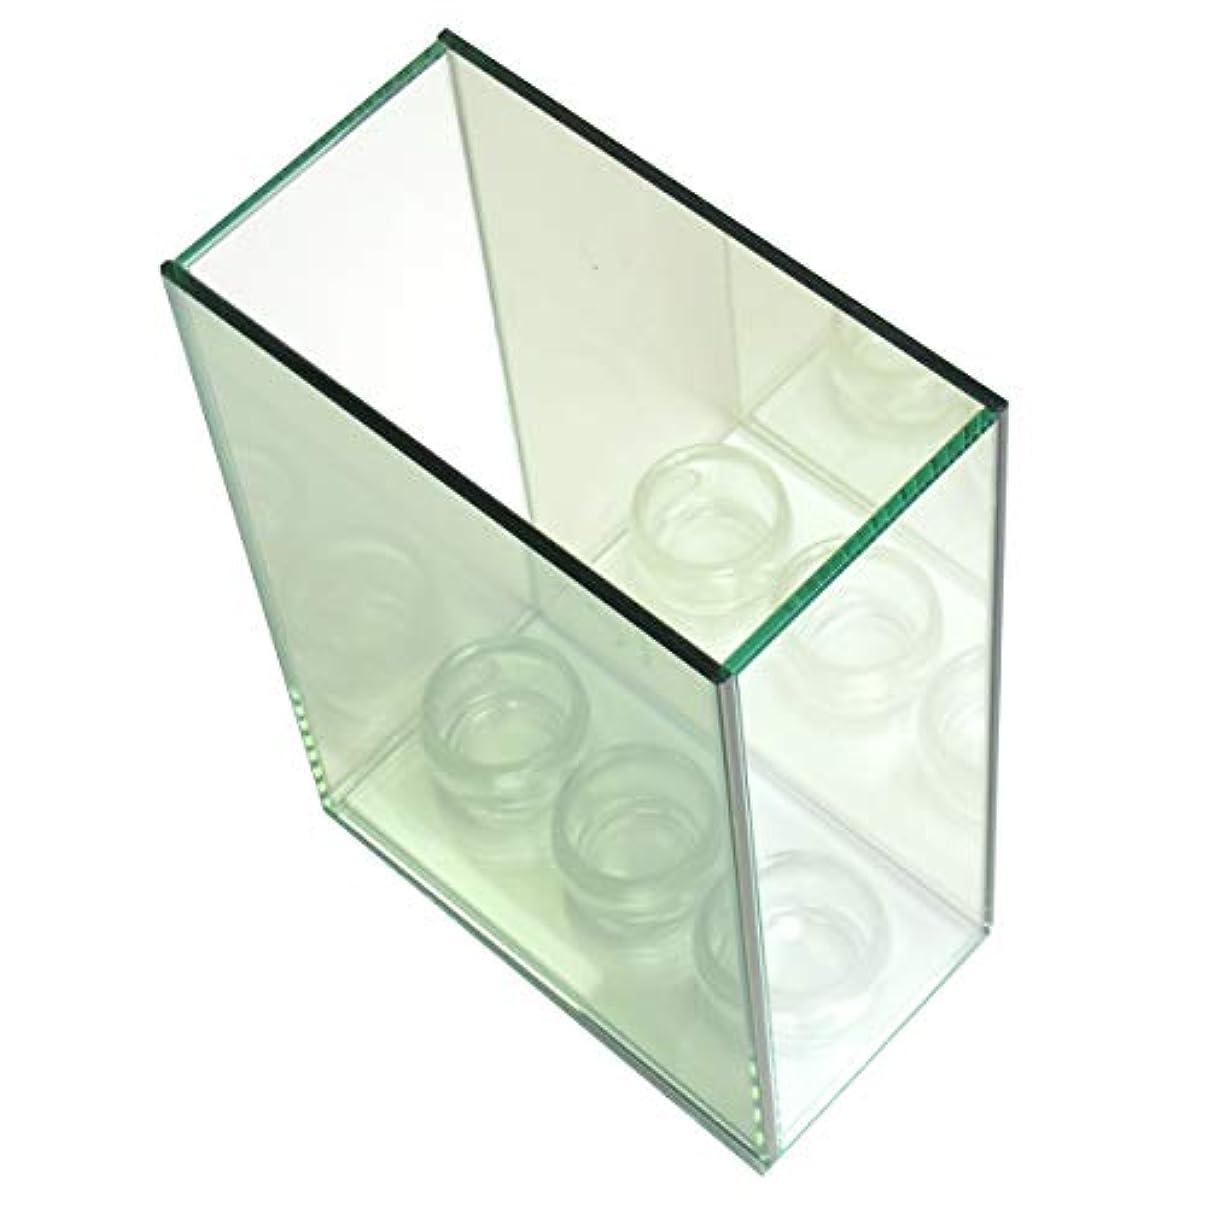 高度哀れな派生する無限連鎖キャンドルホルダー 3連 ガラス キャンドルスタンド ランタン 誕生日 ティーライトキャンドル